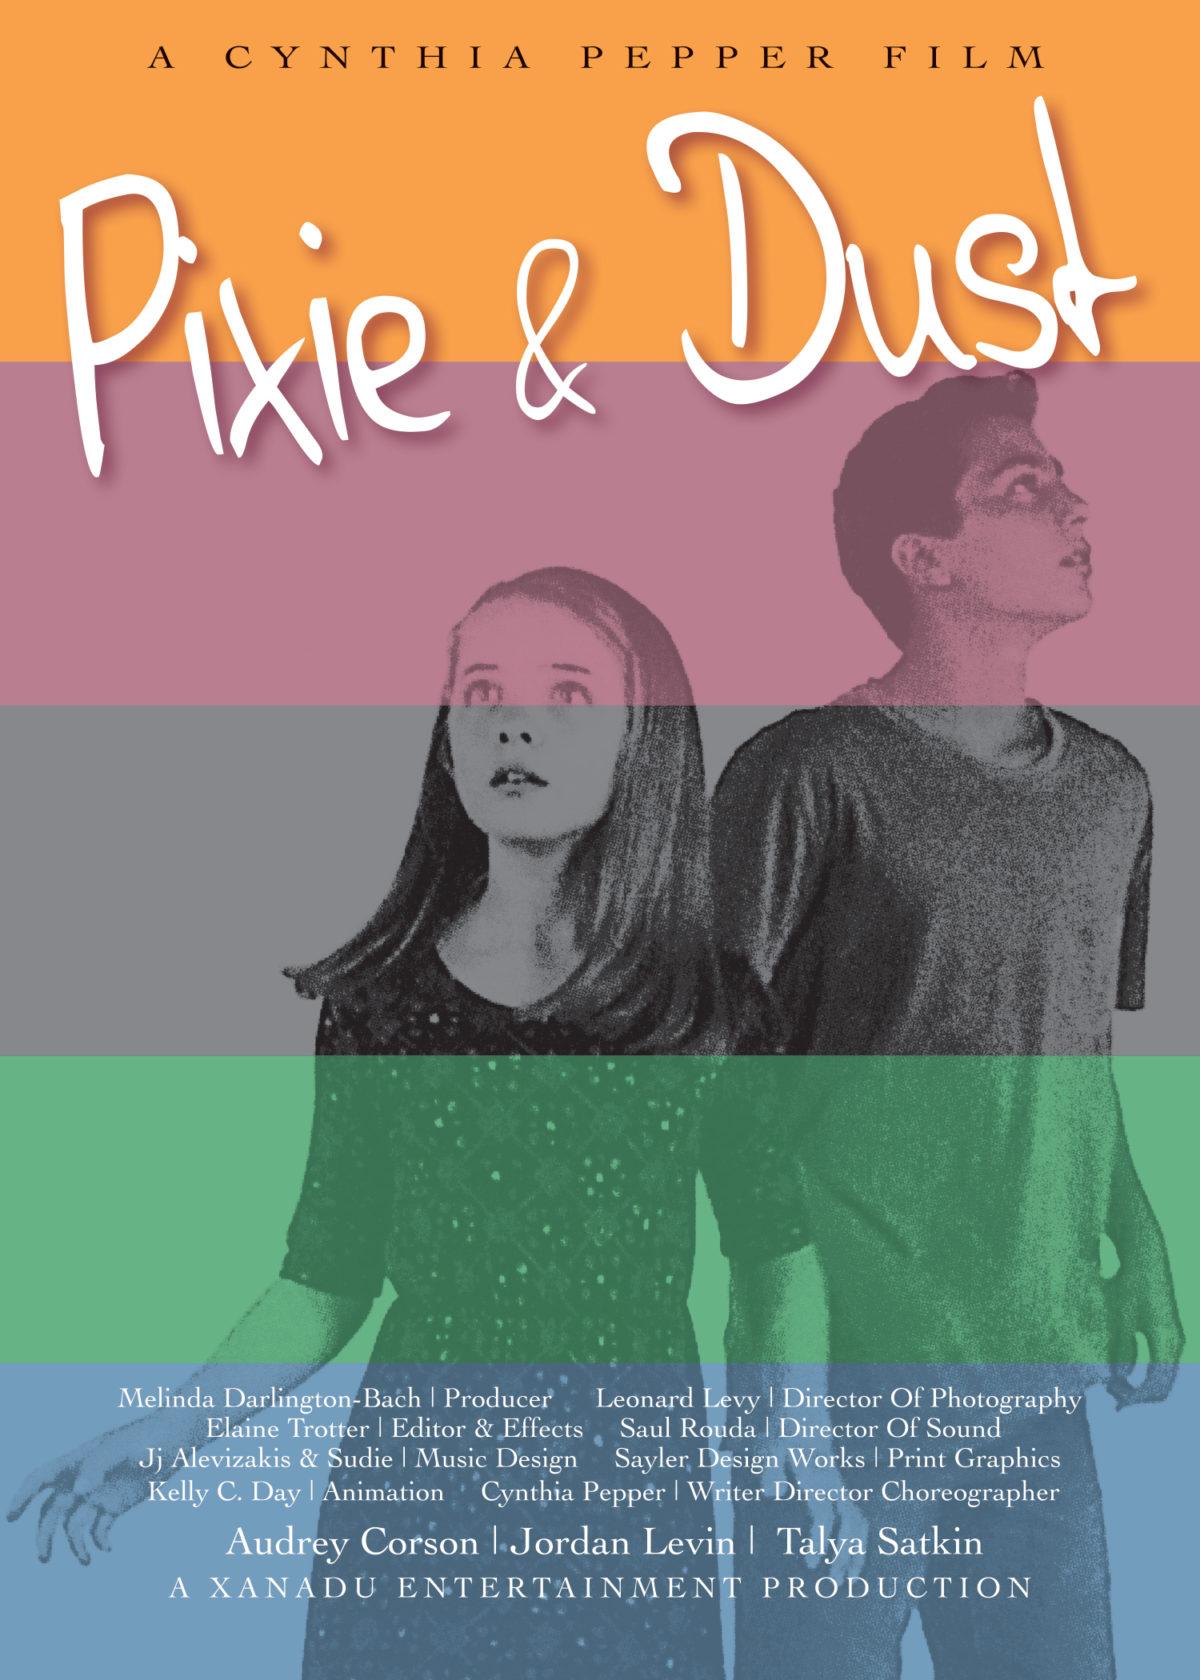 Pixie & Dust